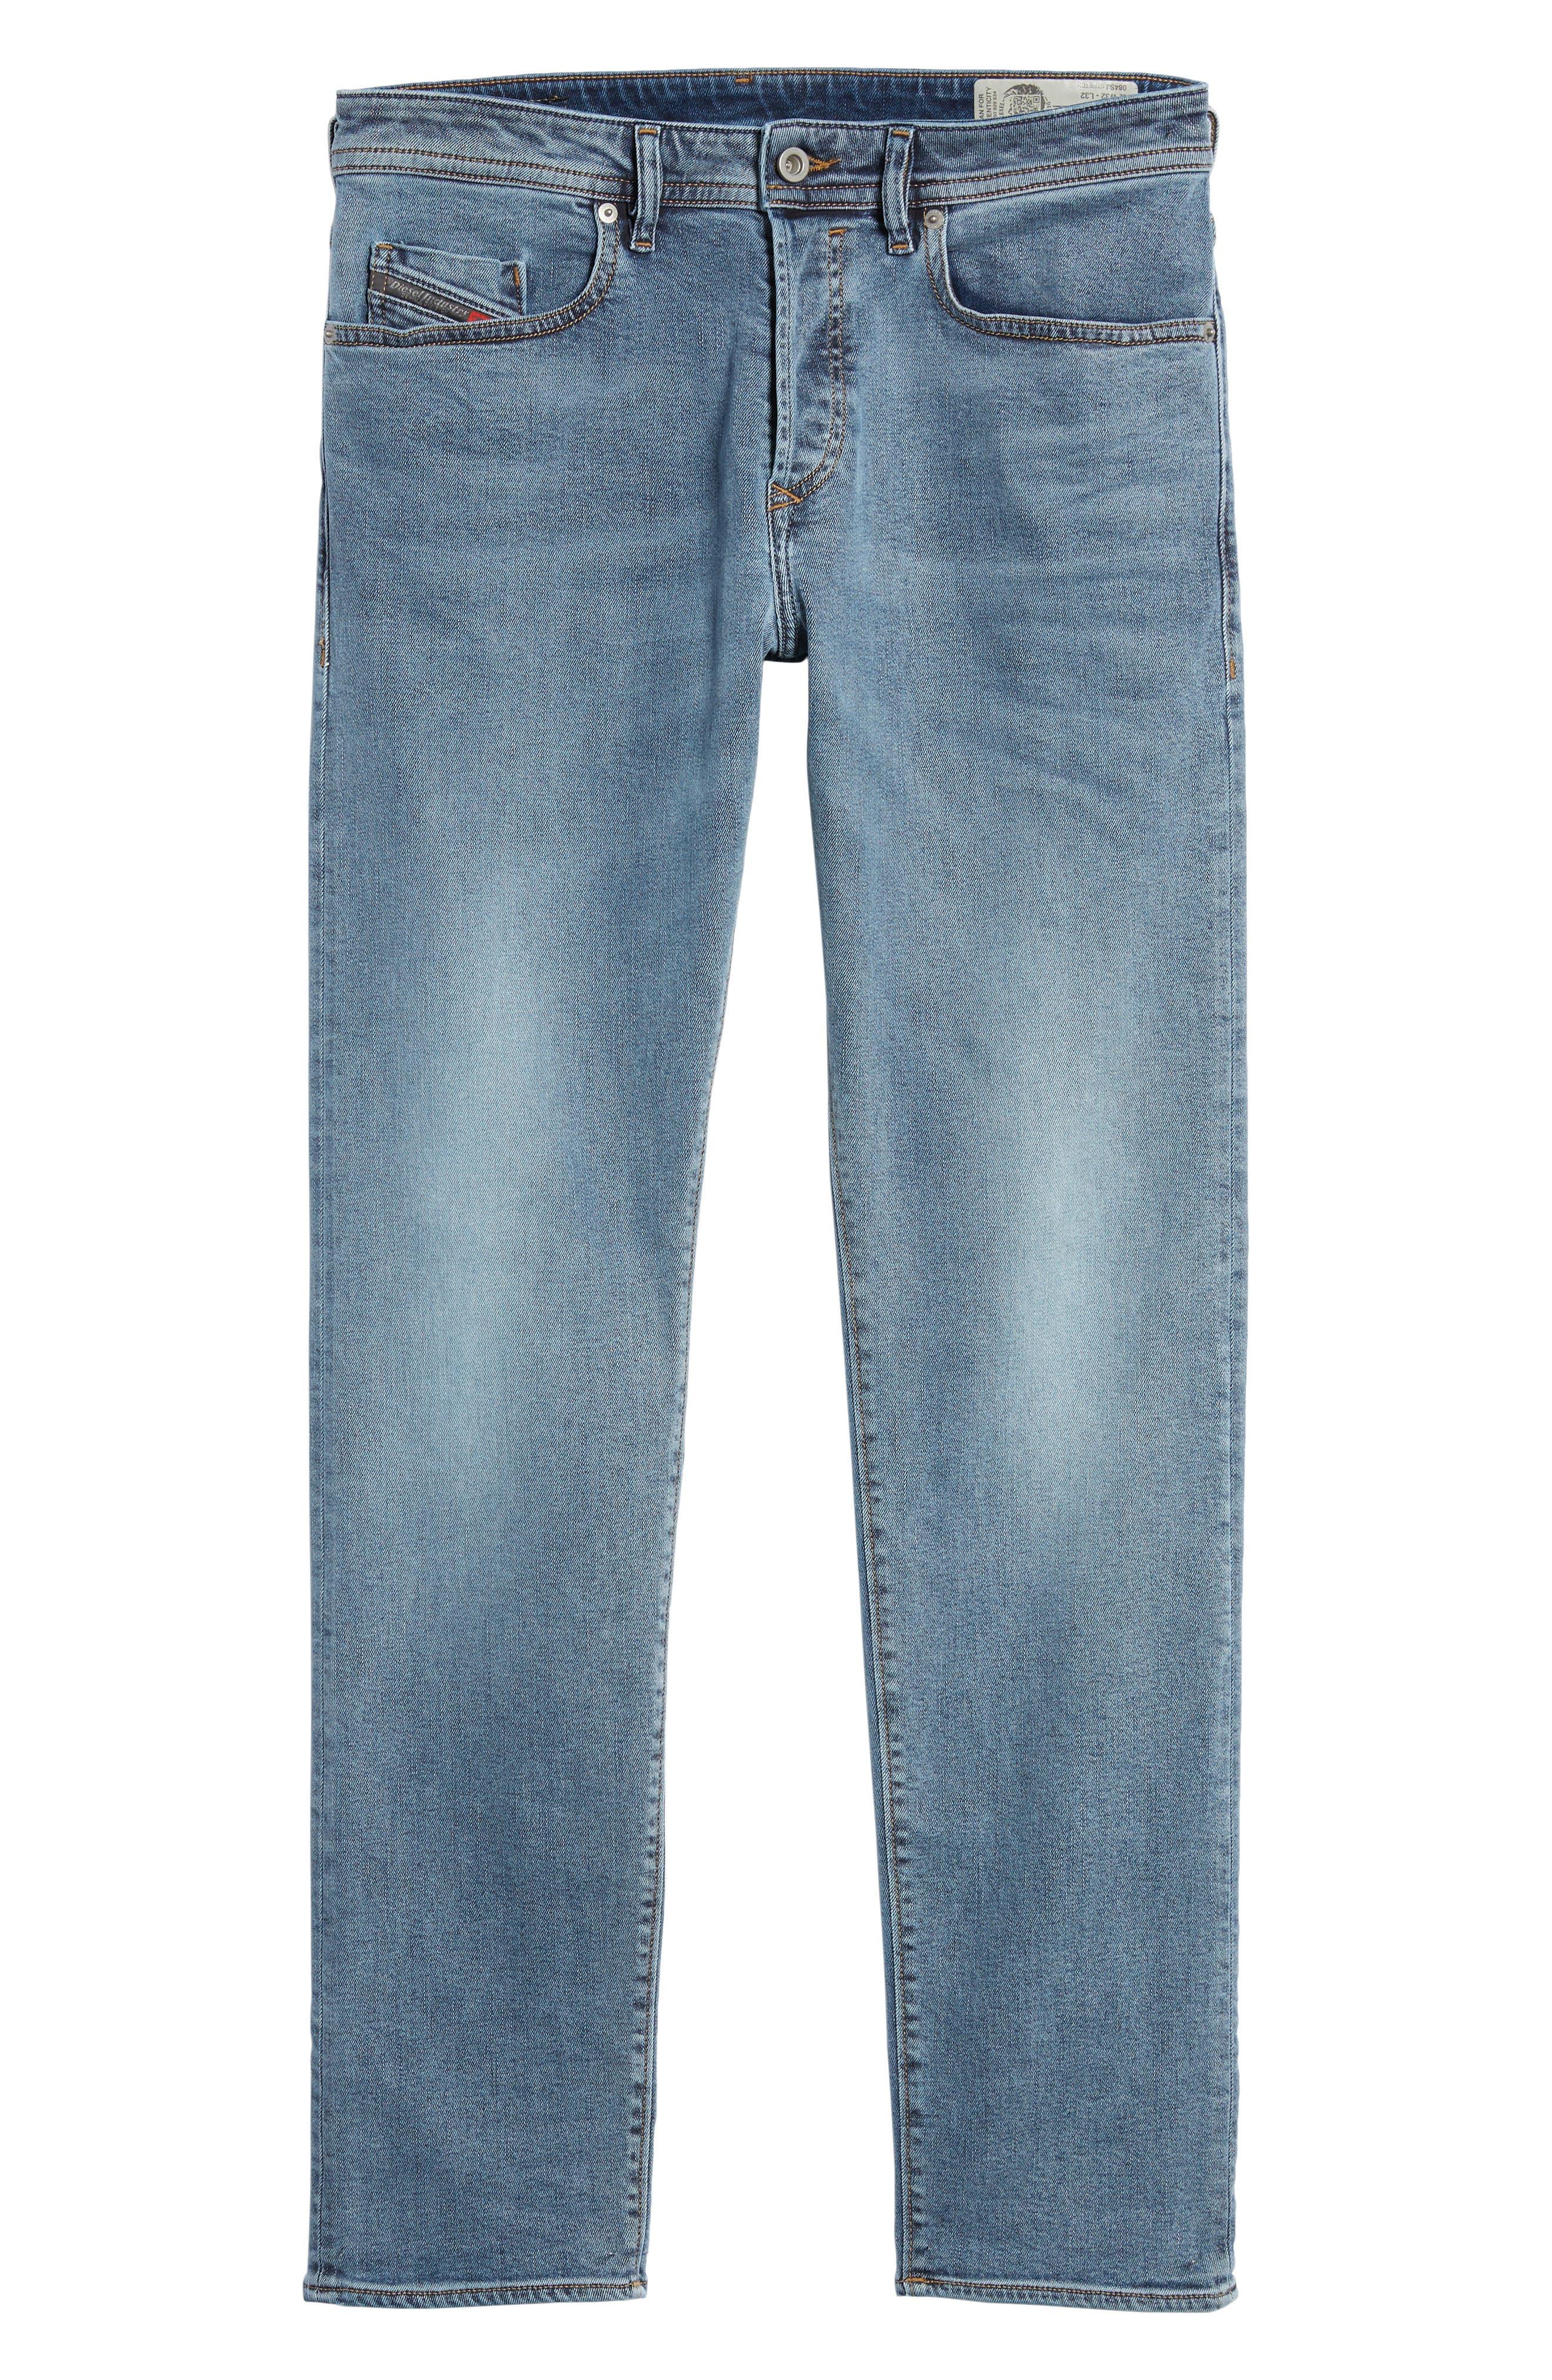 Buster Slim Straight Leg Jeans,                             Alternate thumbnail 6, color,                             084Sj